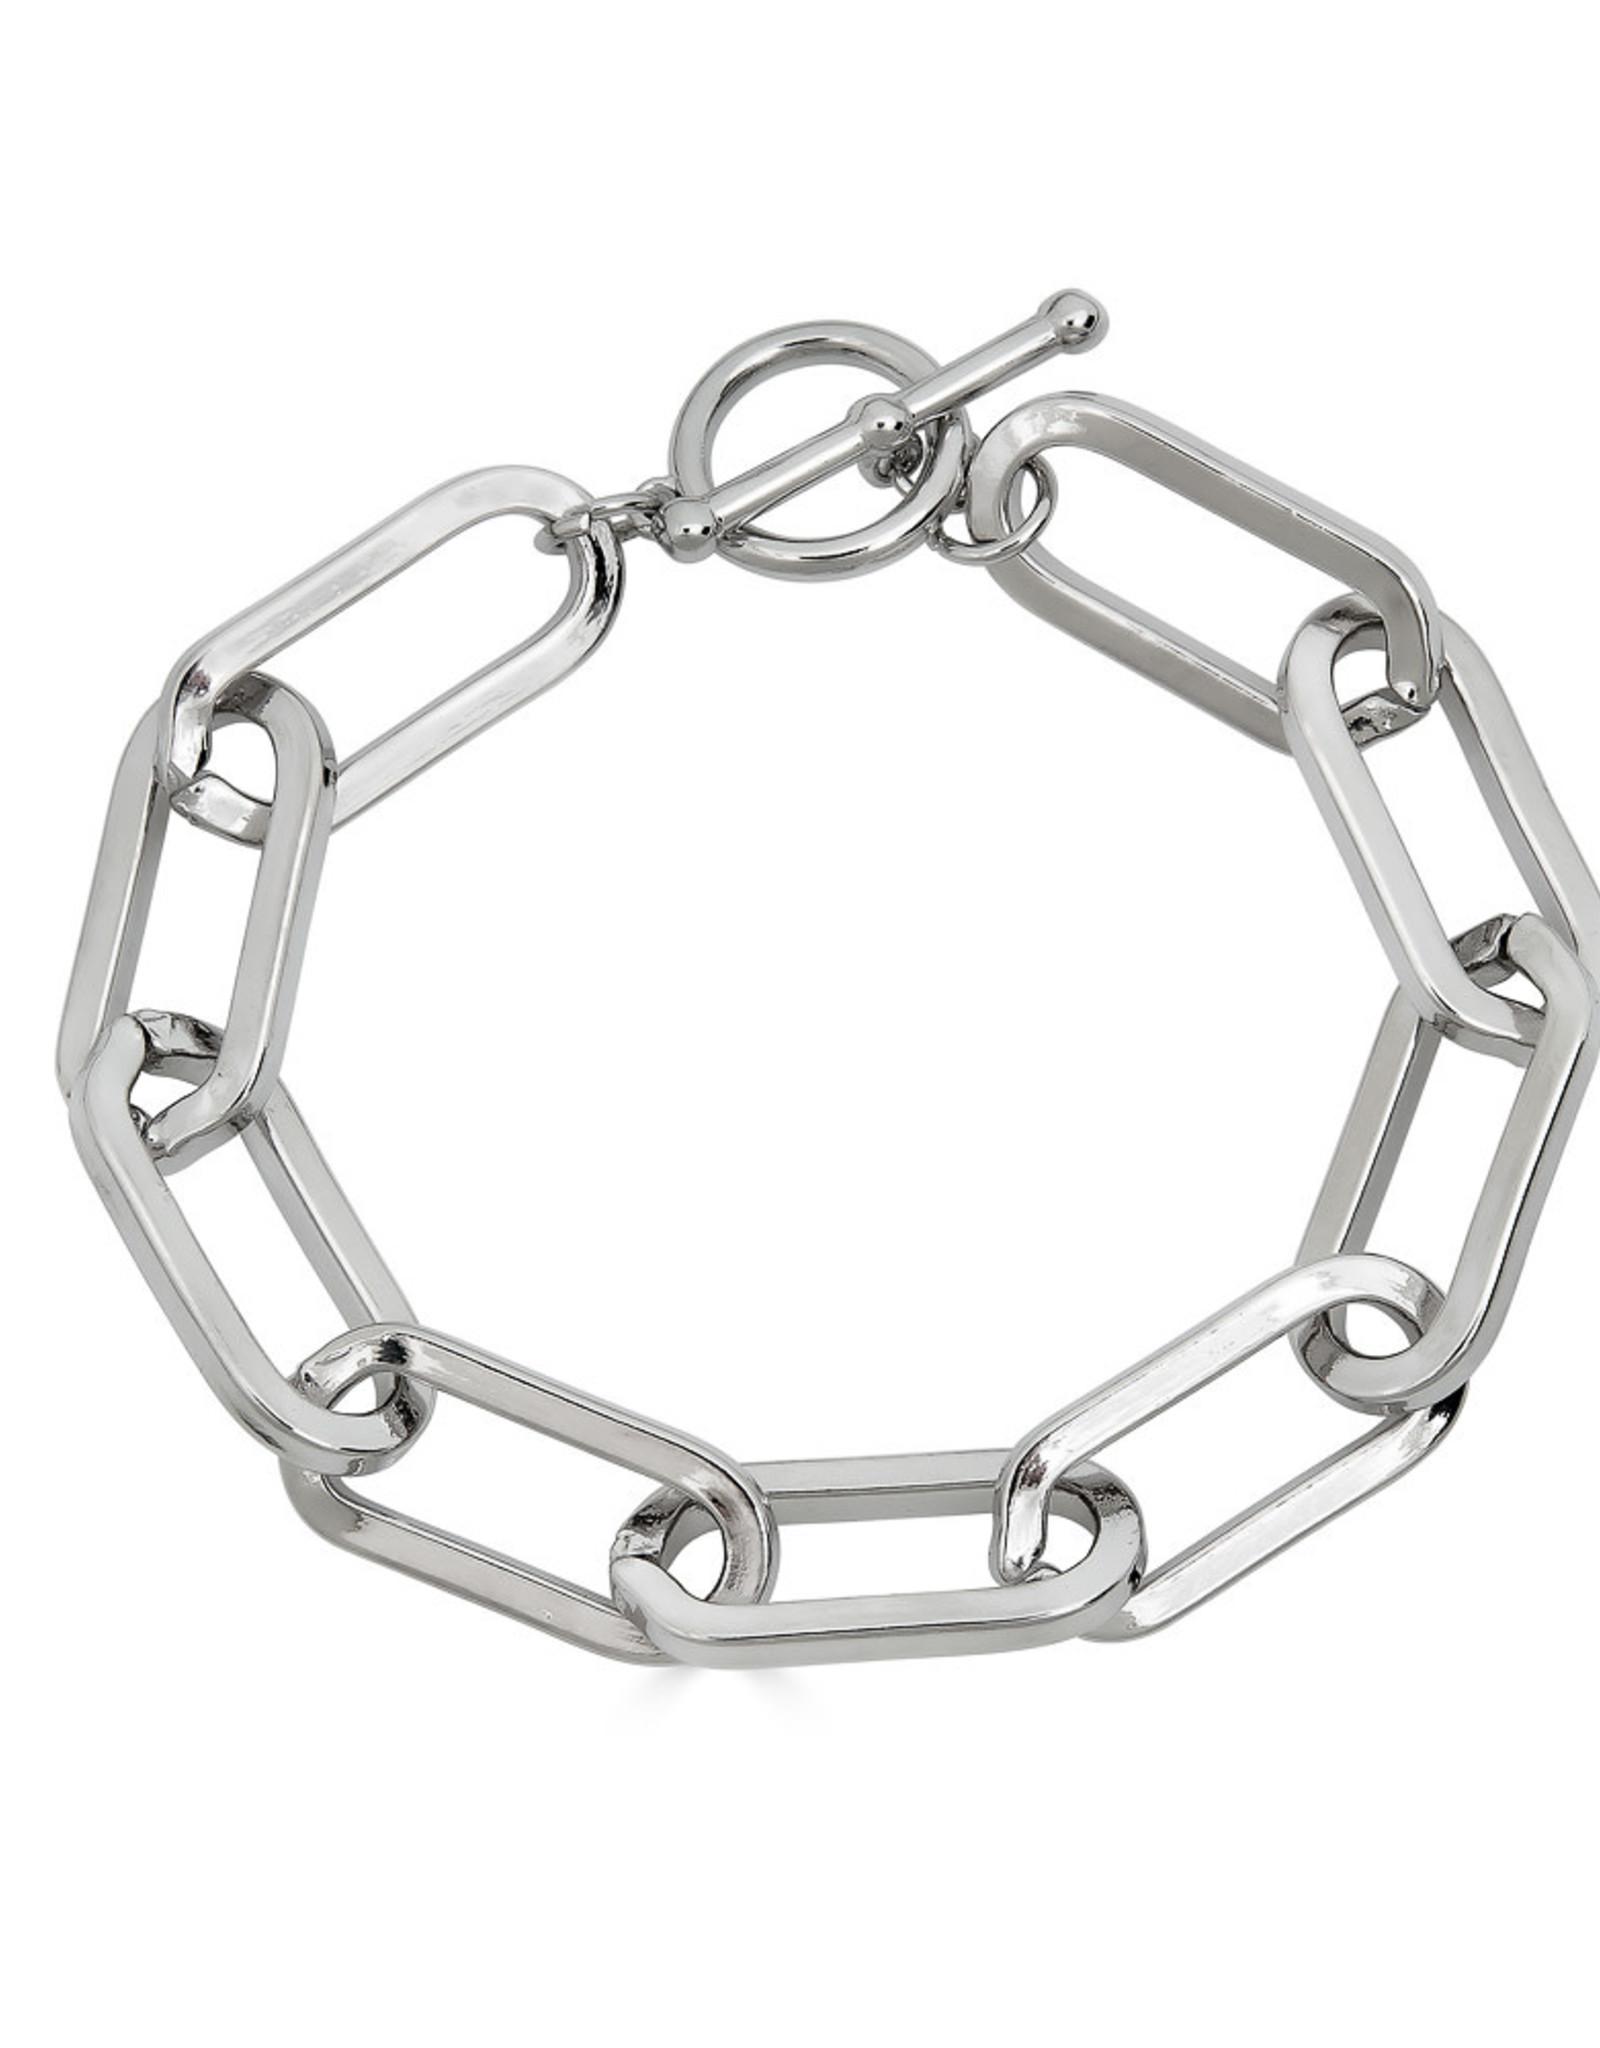 Rendor Leni Link Bracelet